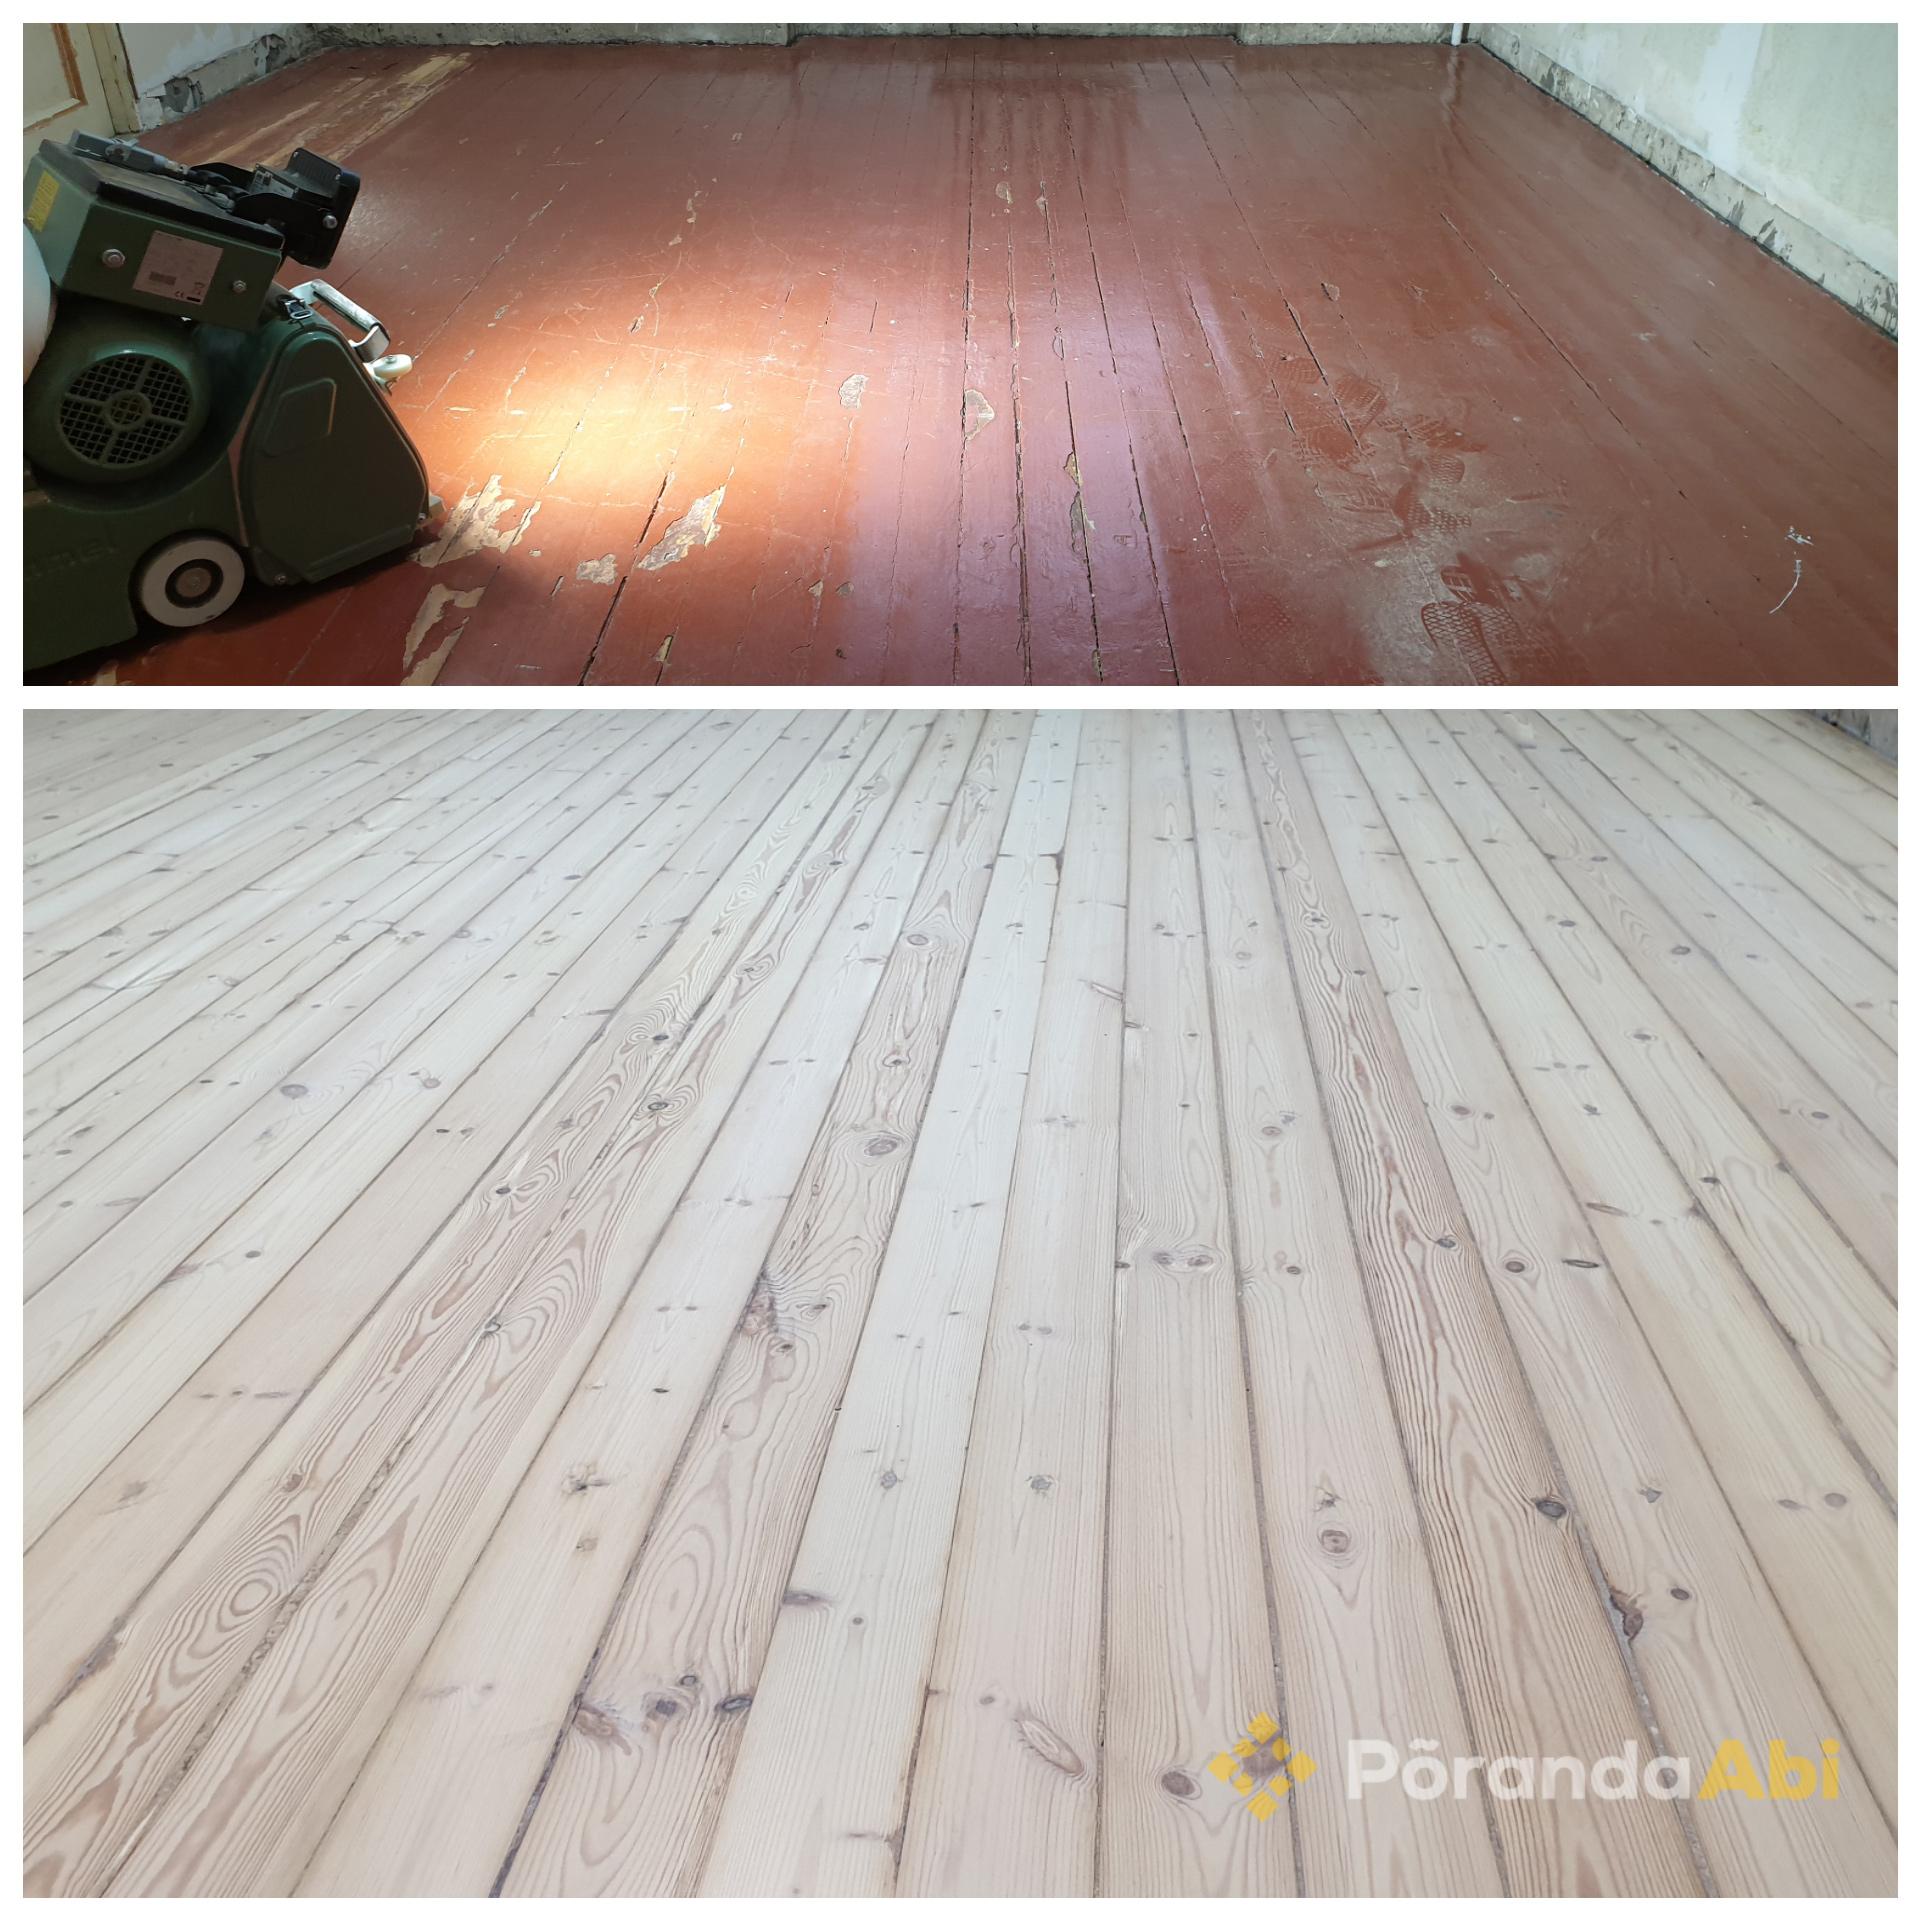 Vana puitpõranda tolmuvaba lihvimine